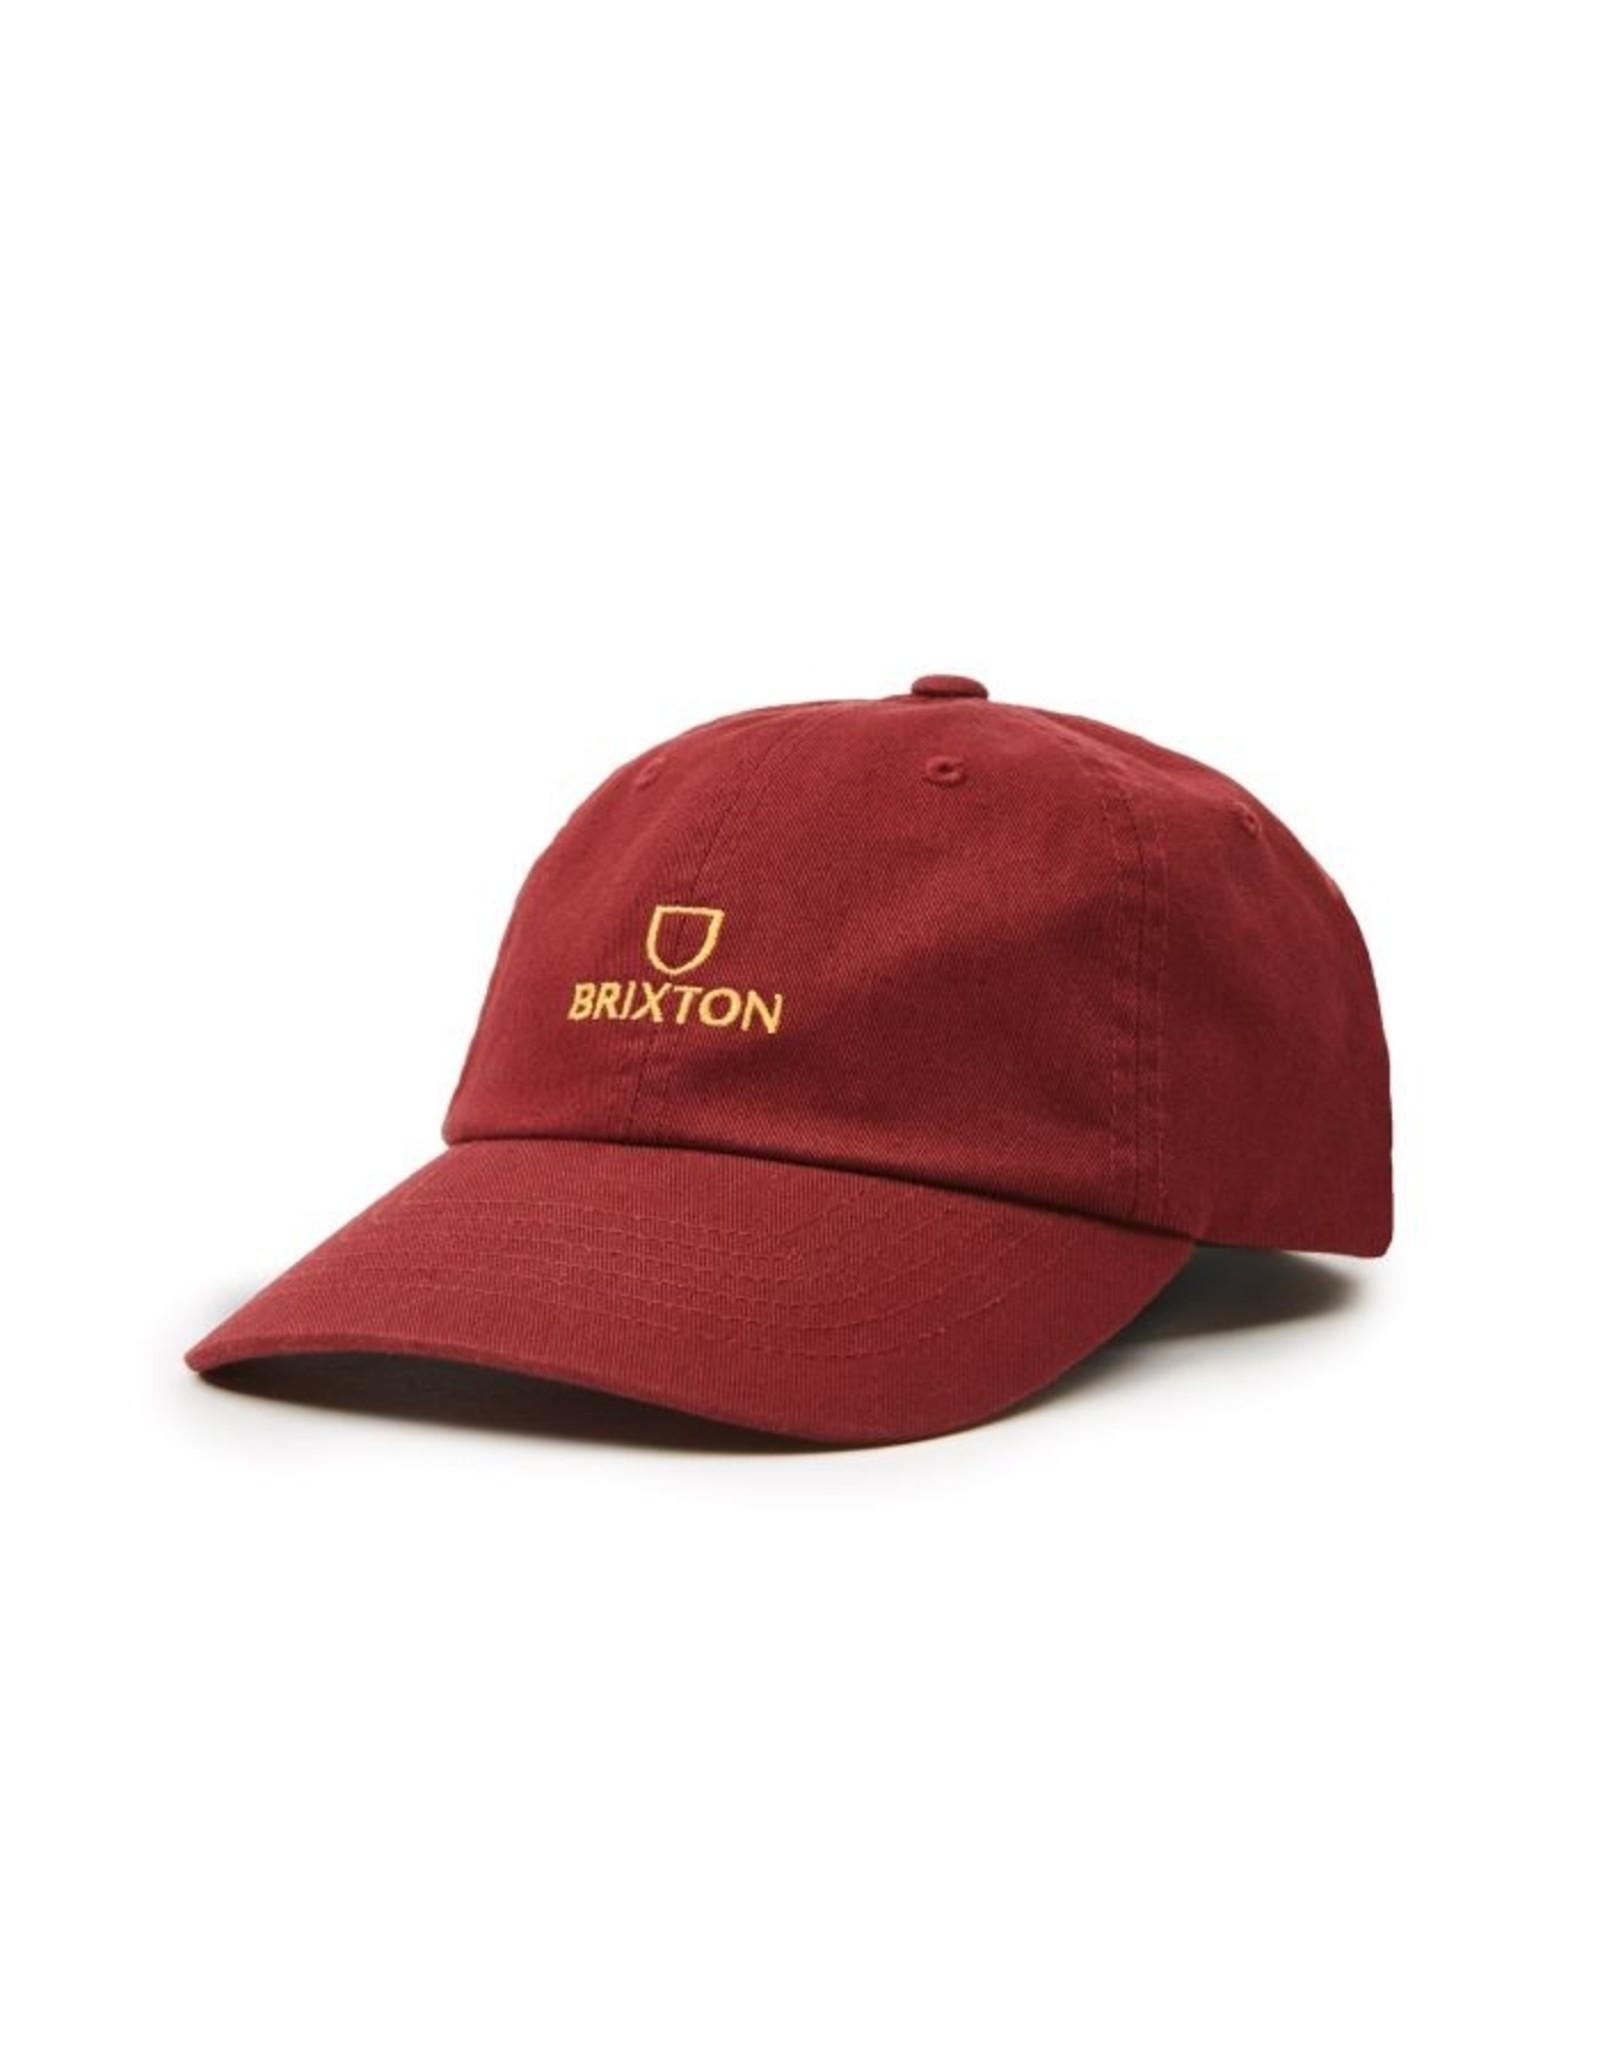 Brixton - Alpha Cap